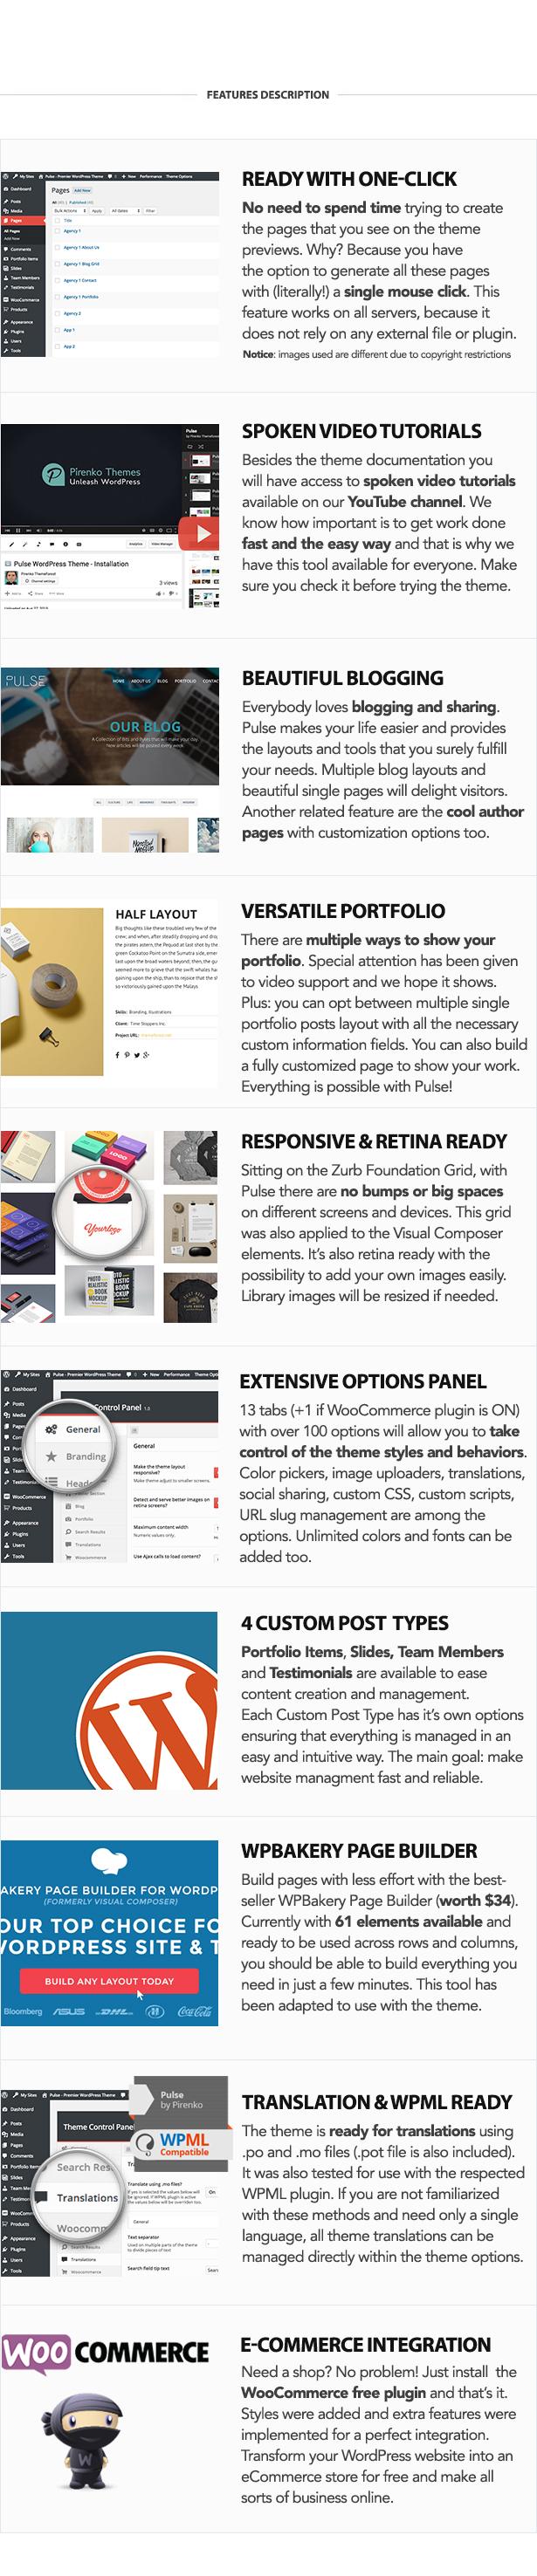 Pulse - Premier WordPress Theme - 4